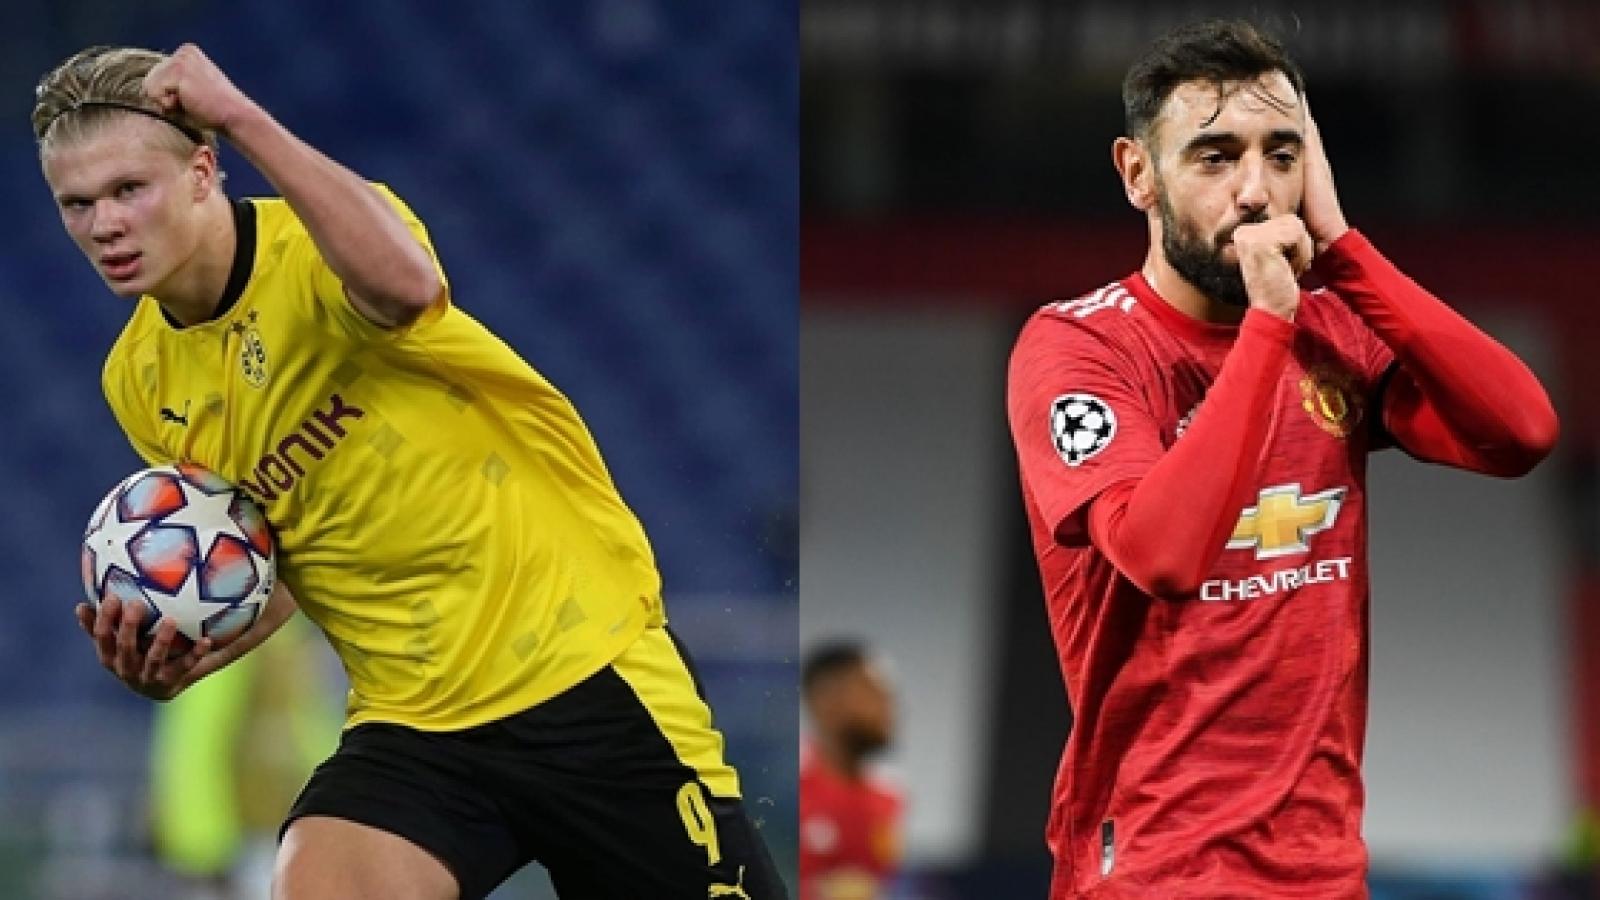 Dự đoán kết quả Champions League đêm nay: Dortmund, MU giành vé đi tiếp